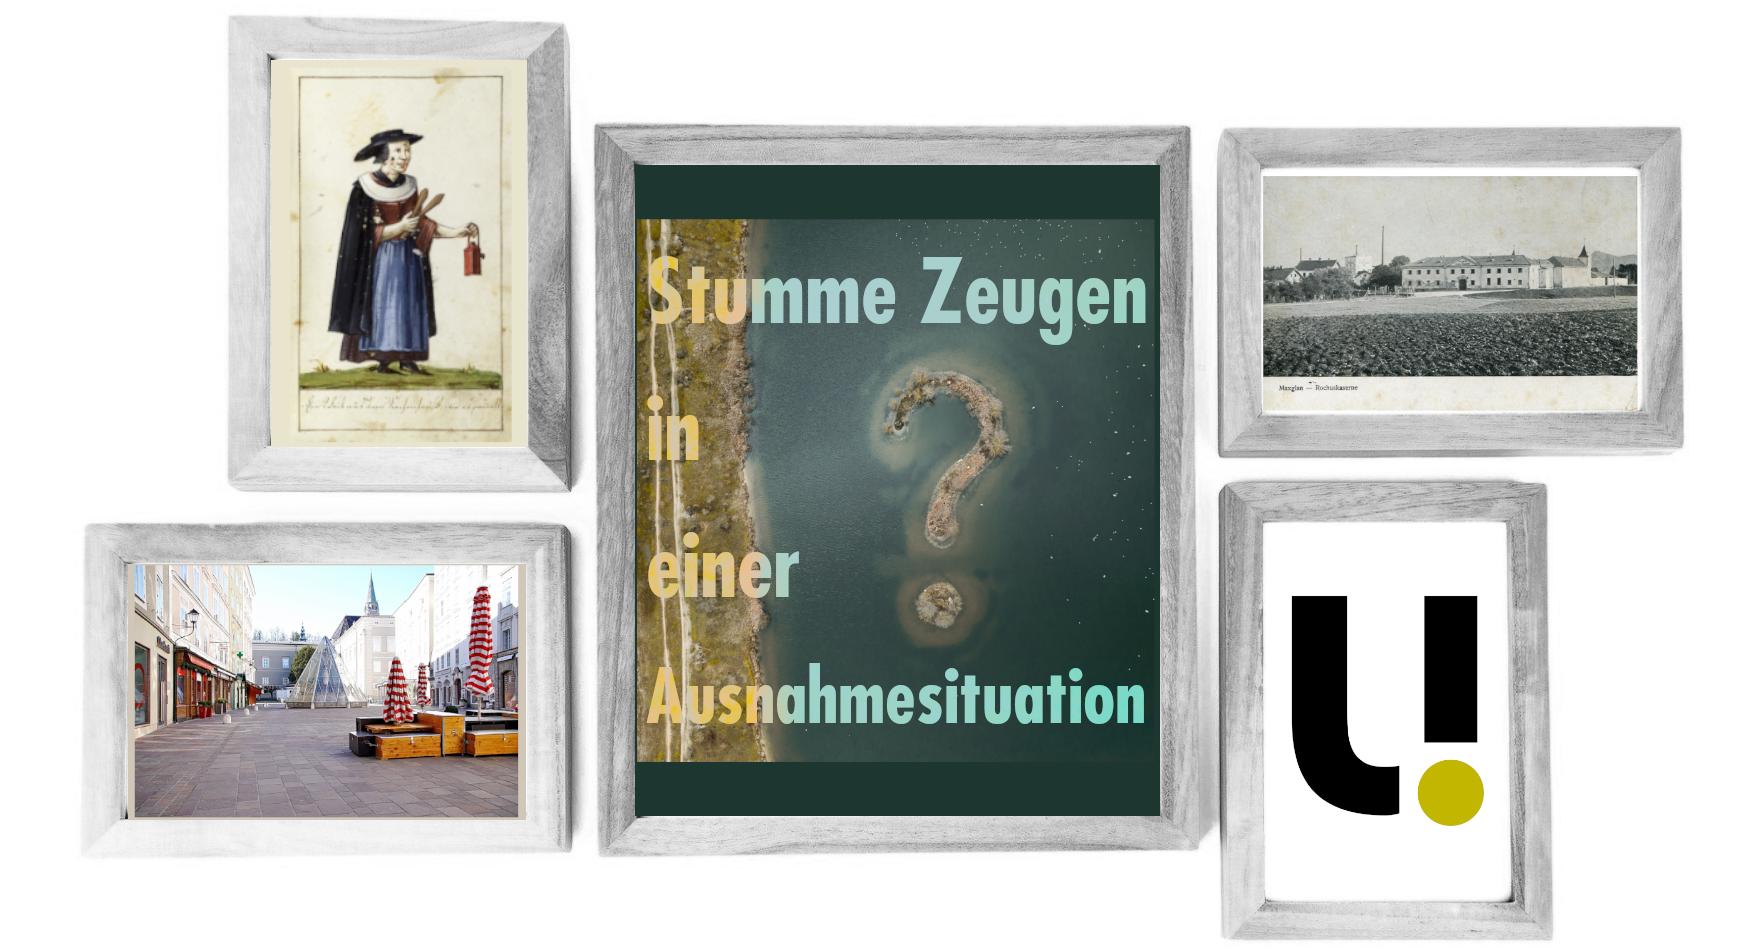 unerhört! Das Salzburg Museum und die stummen Zeugen für morgen / eine Ausnahmesituation - philosophisch betrachtet